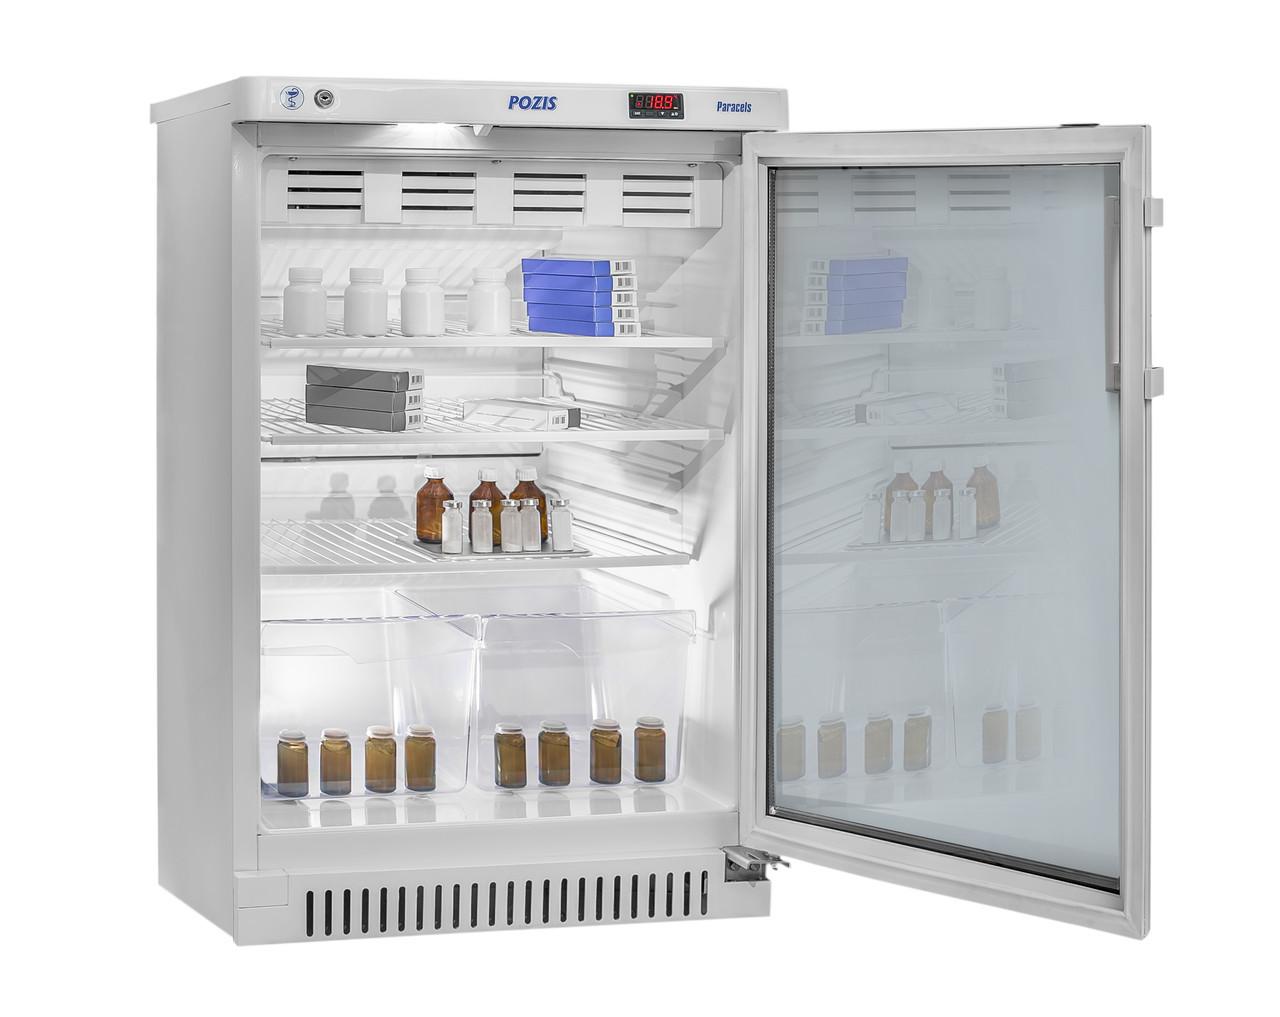 Холодильник фармацевтический Pozis ХФ-140-1, Тип открывания: Дверца стеклянная с замком, Объем: 140 л, Корзин: